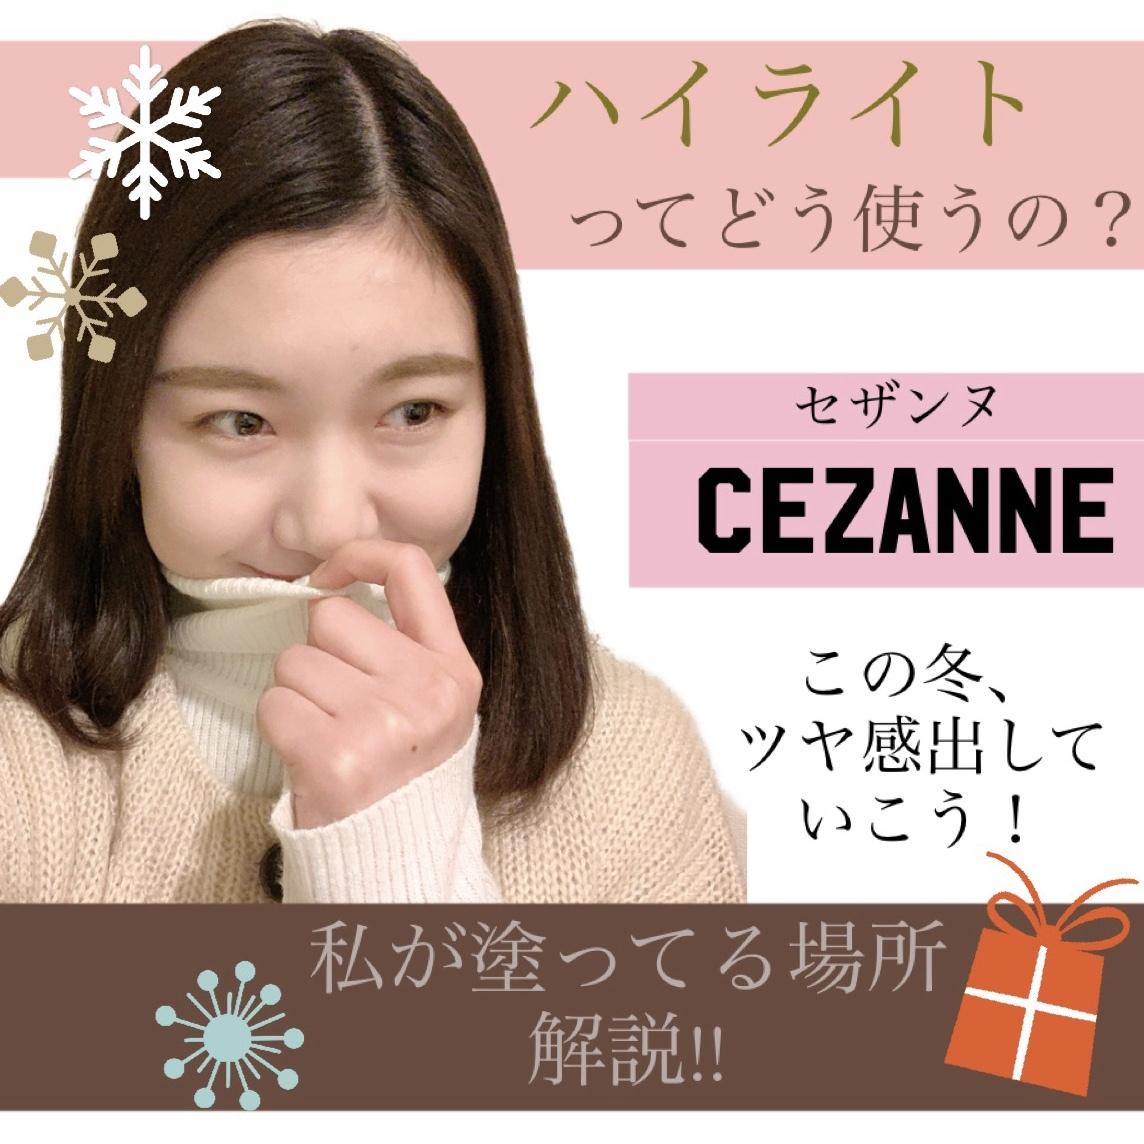 【プチプラコスメ】CEZANNEのハイライトでツヤ感出してこ??_1_1